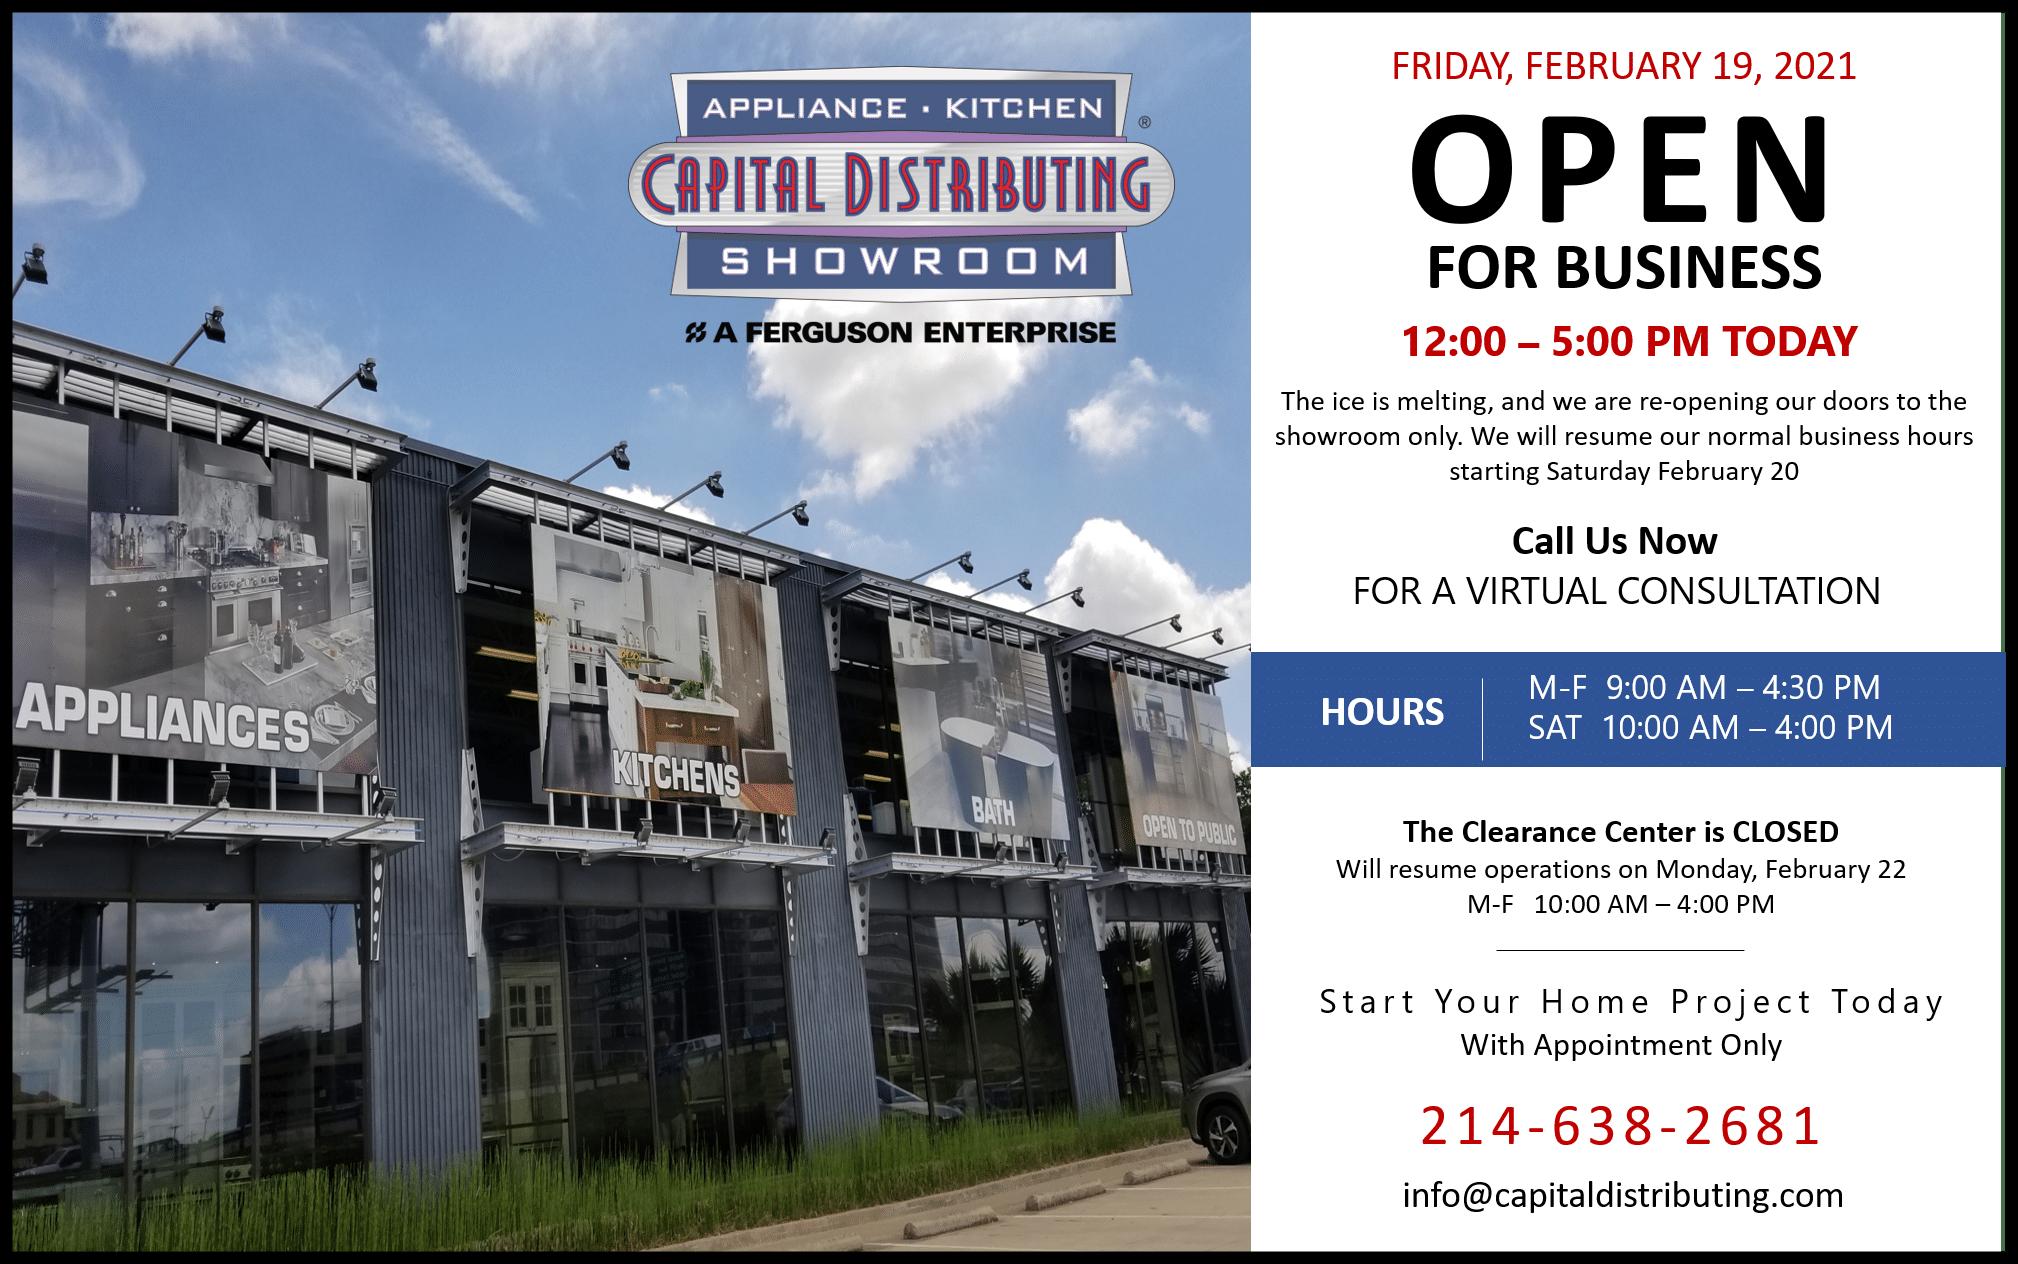 Weather Alert | Capital Distributing Showroom Open 12-5 Today!